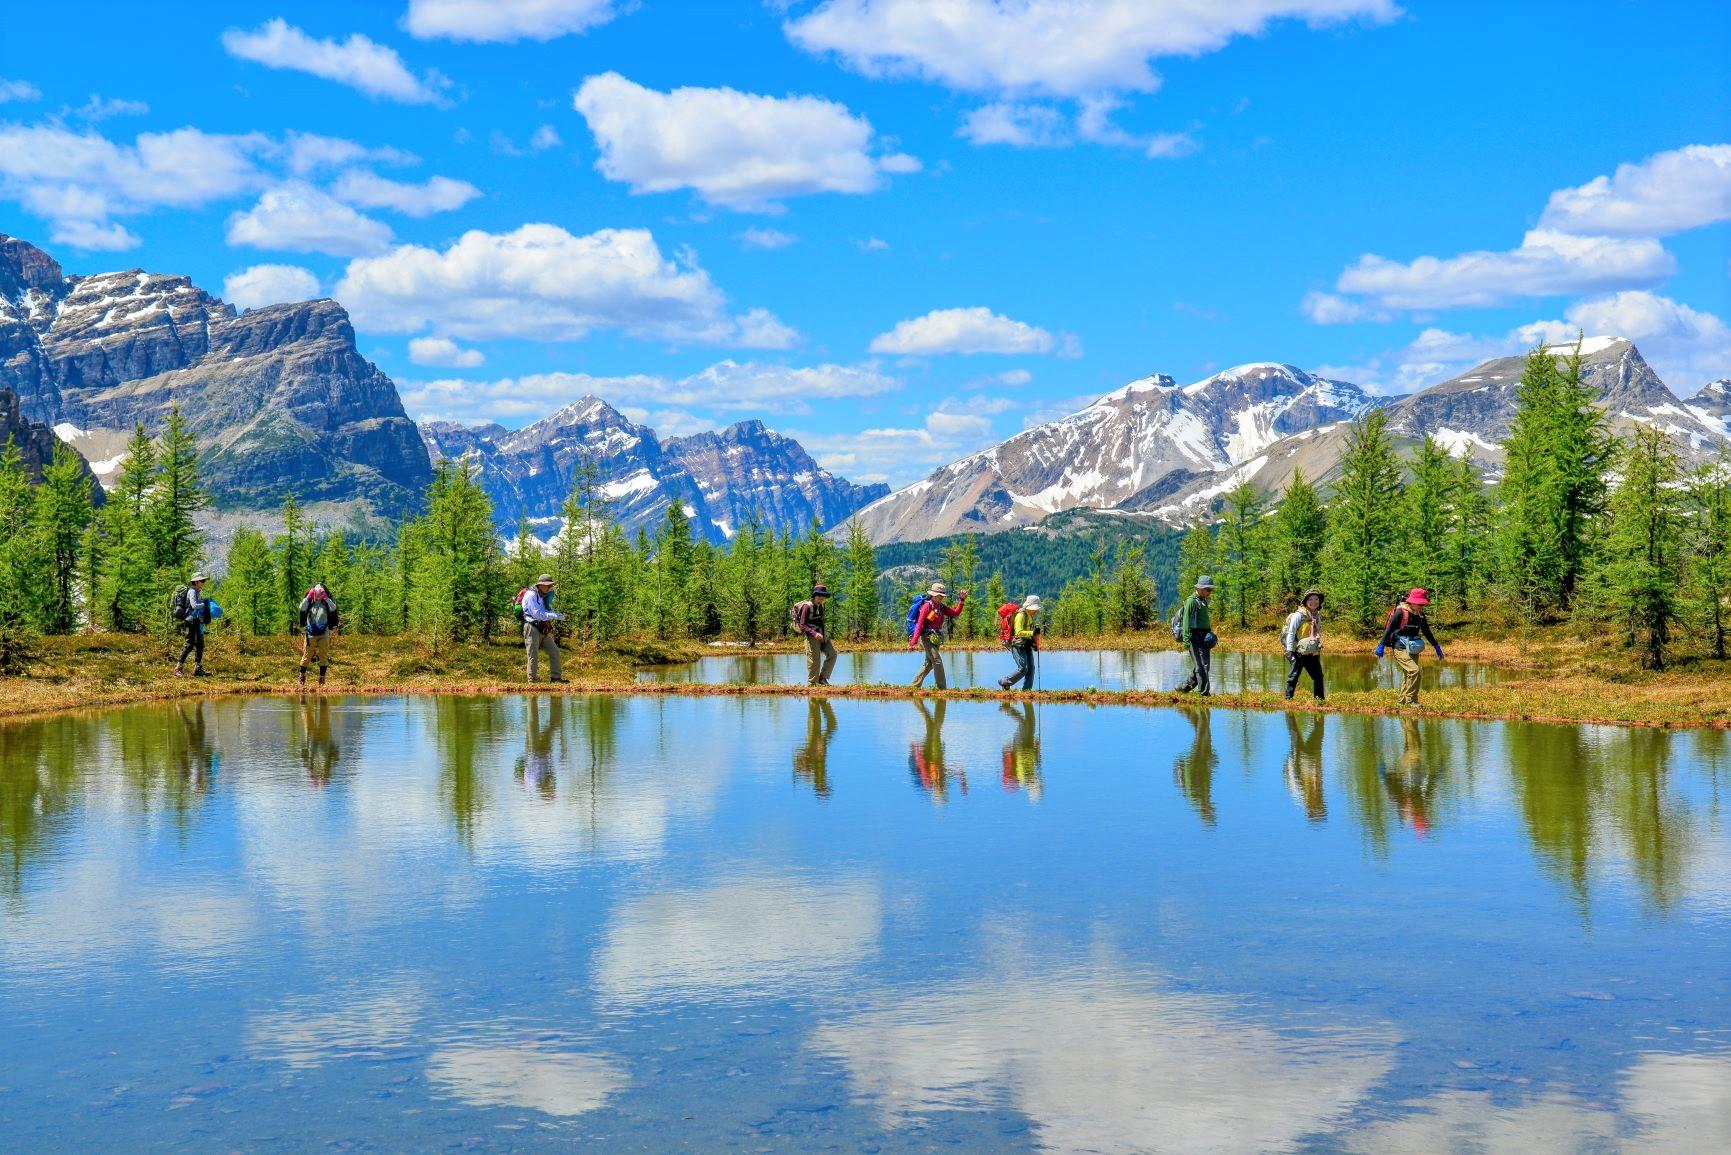 雄大なロッキーの山々を望むオフトレイルを行く